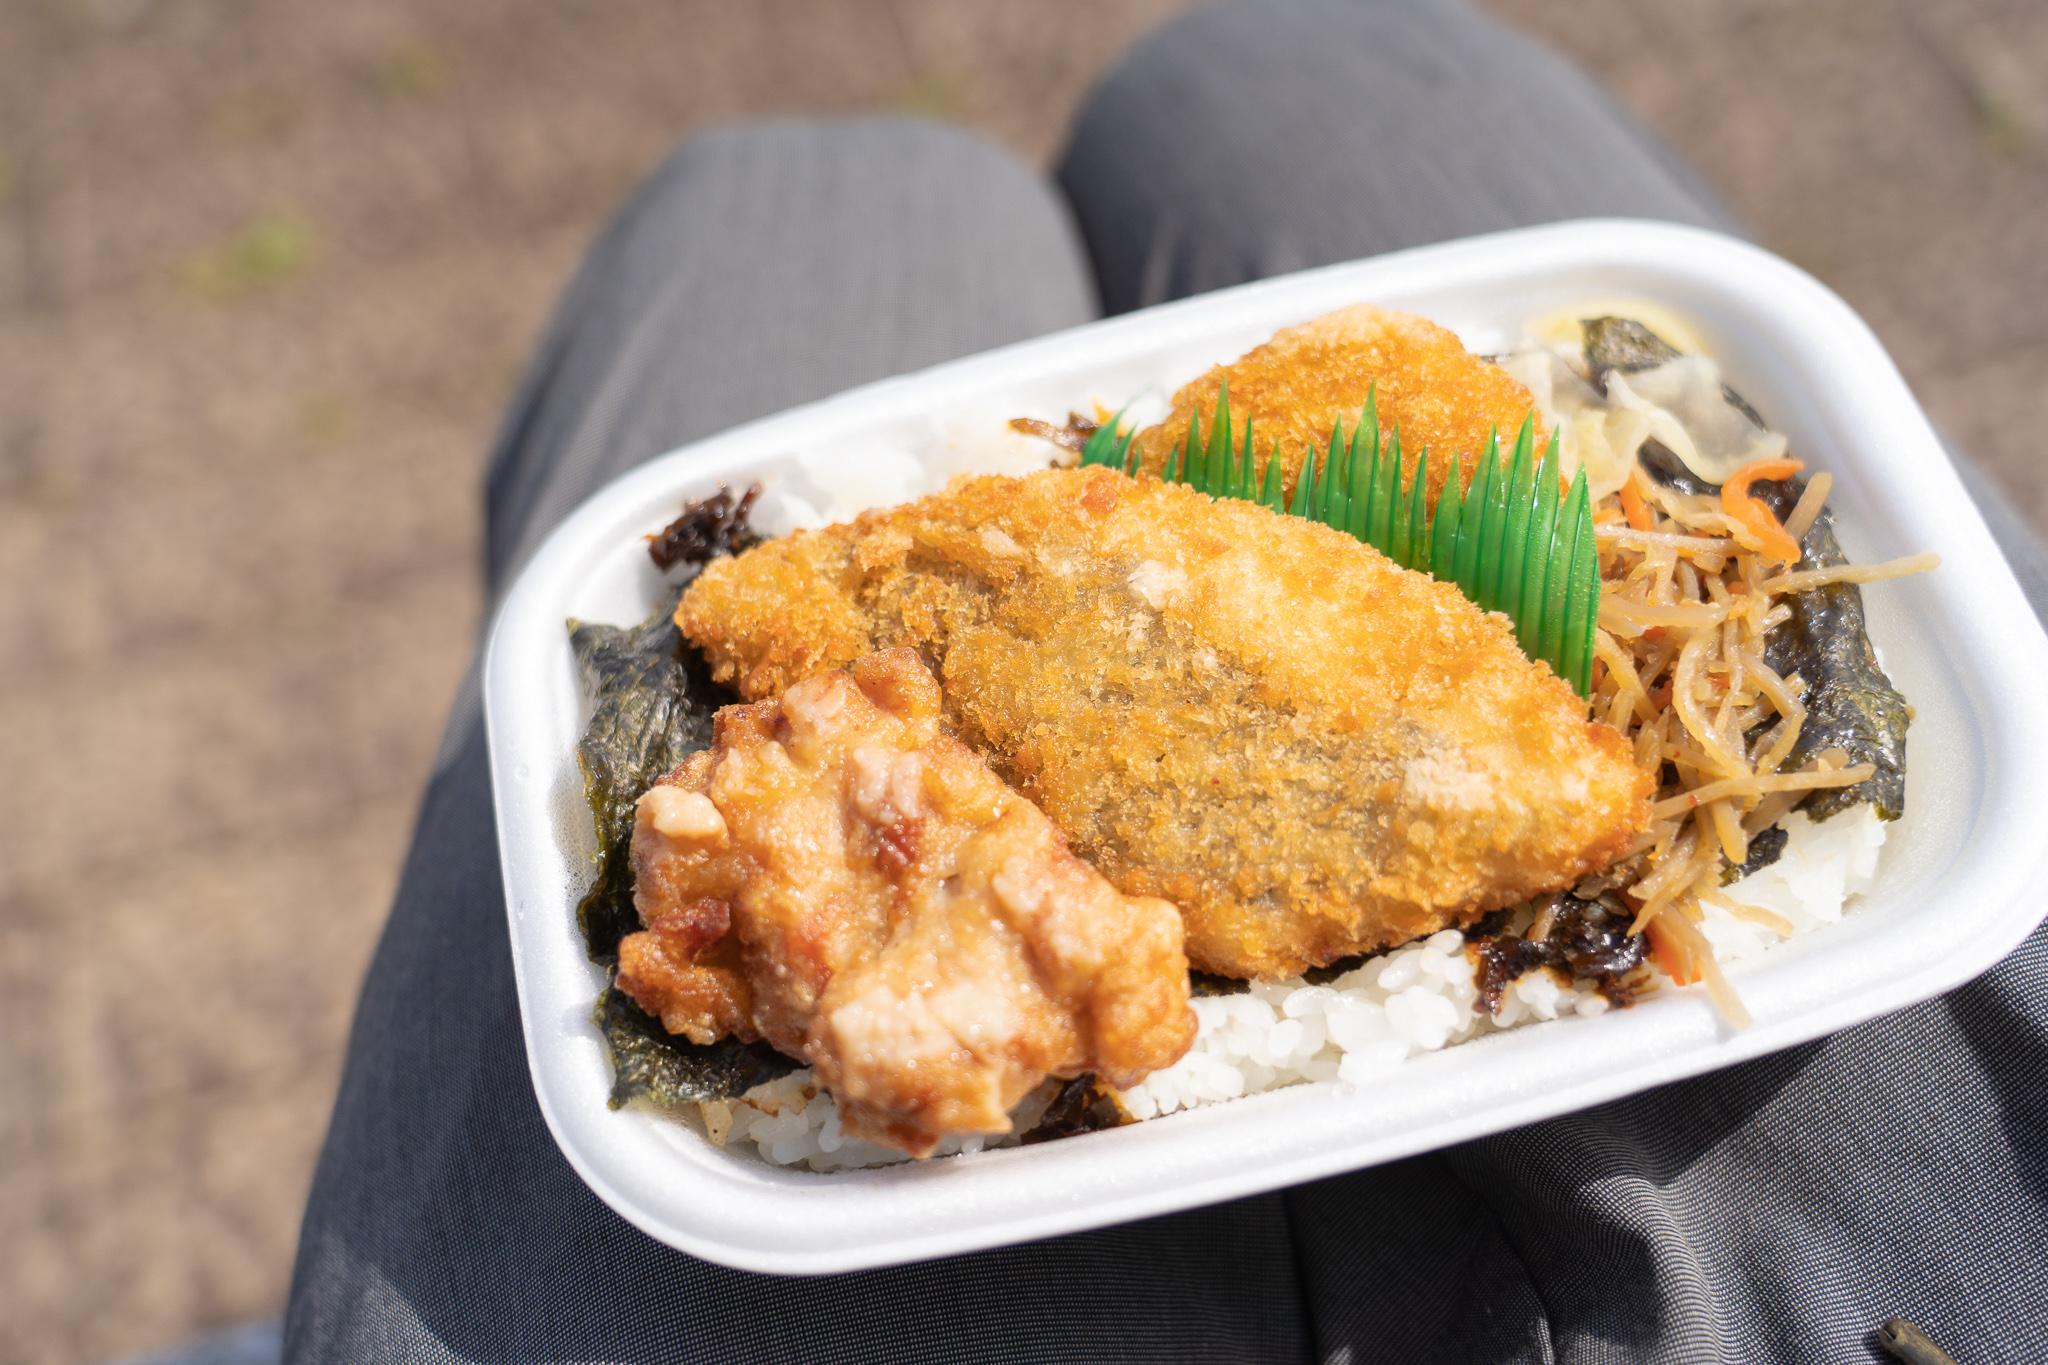 天気のいい日に、外で弁当食べるやつをした@愛知県蒲郡ガマフォルニア